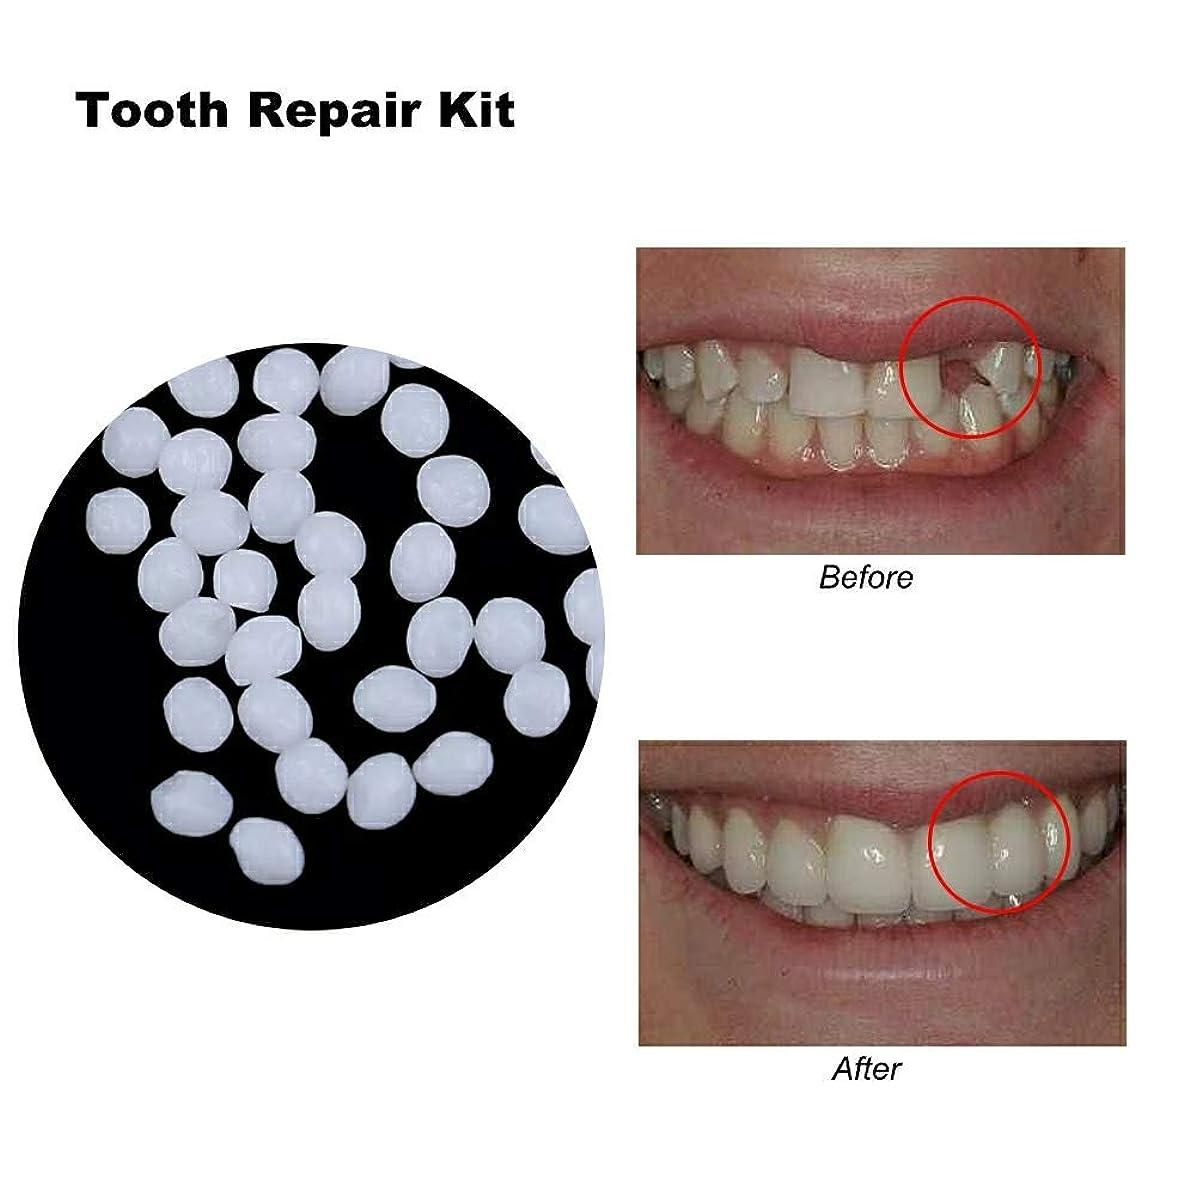 迫害するトリプルラック義歯の固体接着剤の一時的な歯の修理キットの歯の欠けている歯の交換用接着剤、5個,White,10g